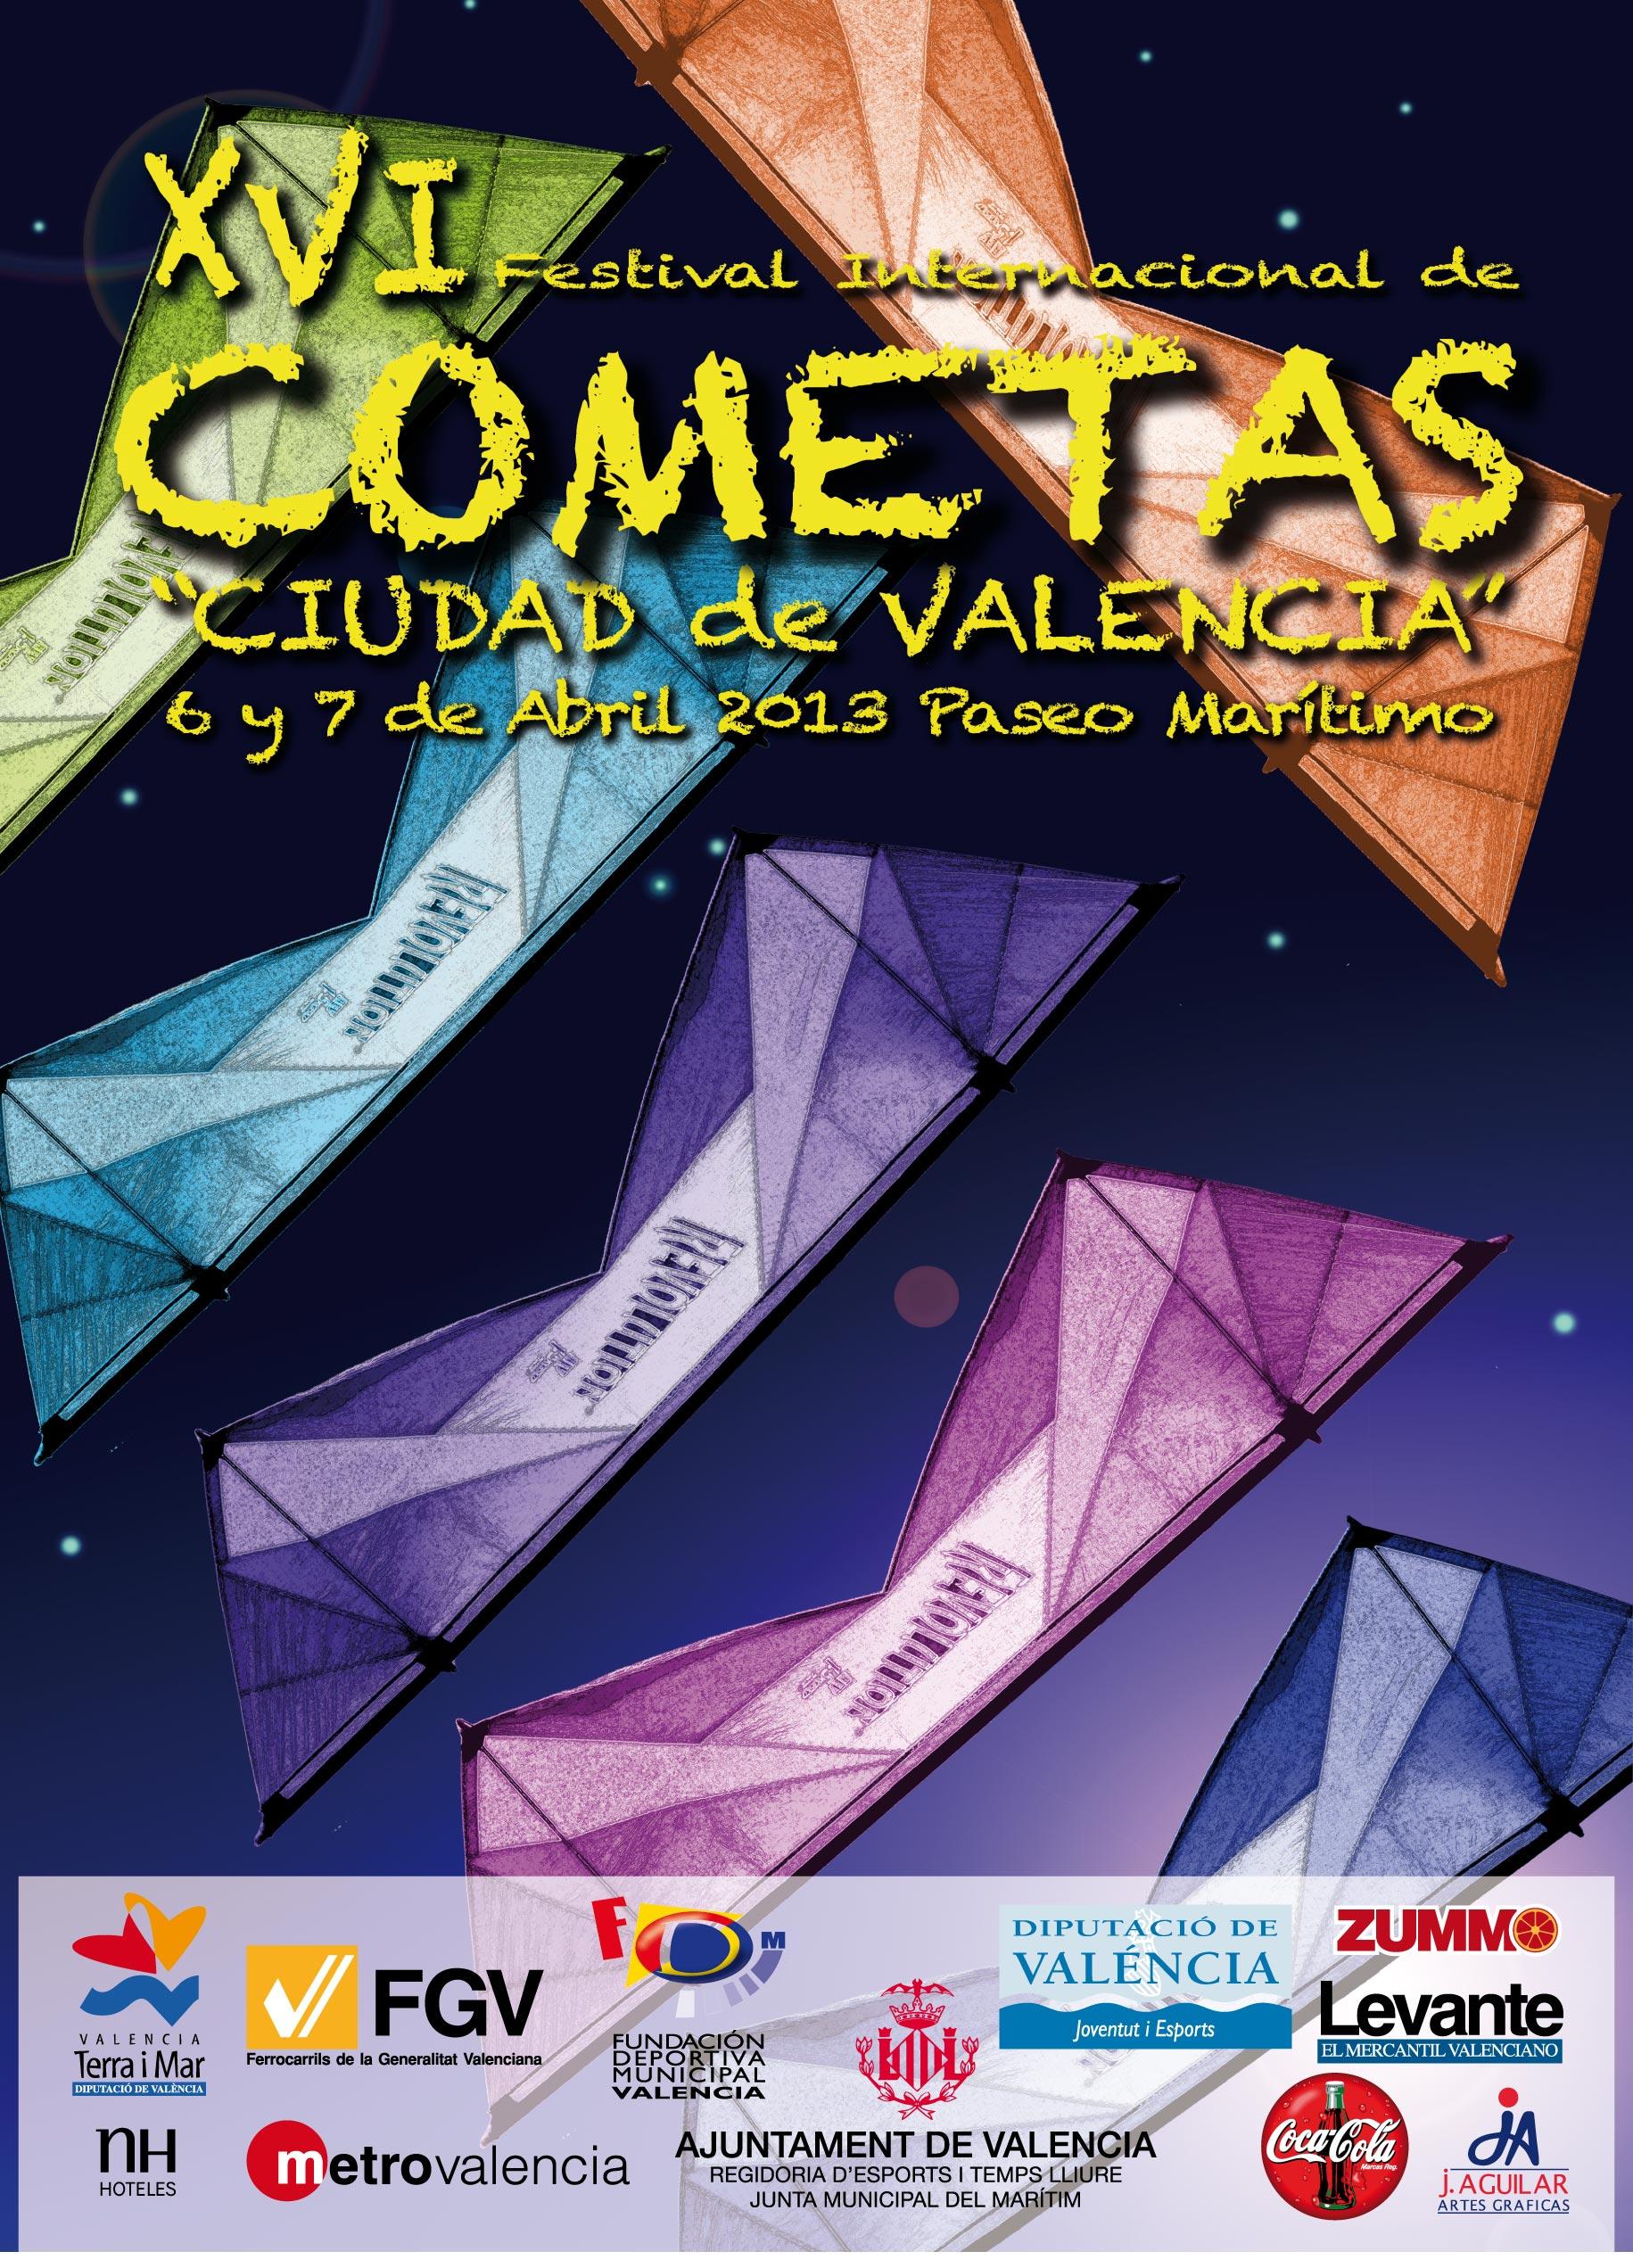 festival cometa valencia: